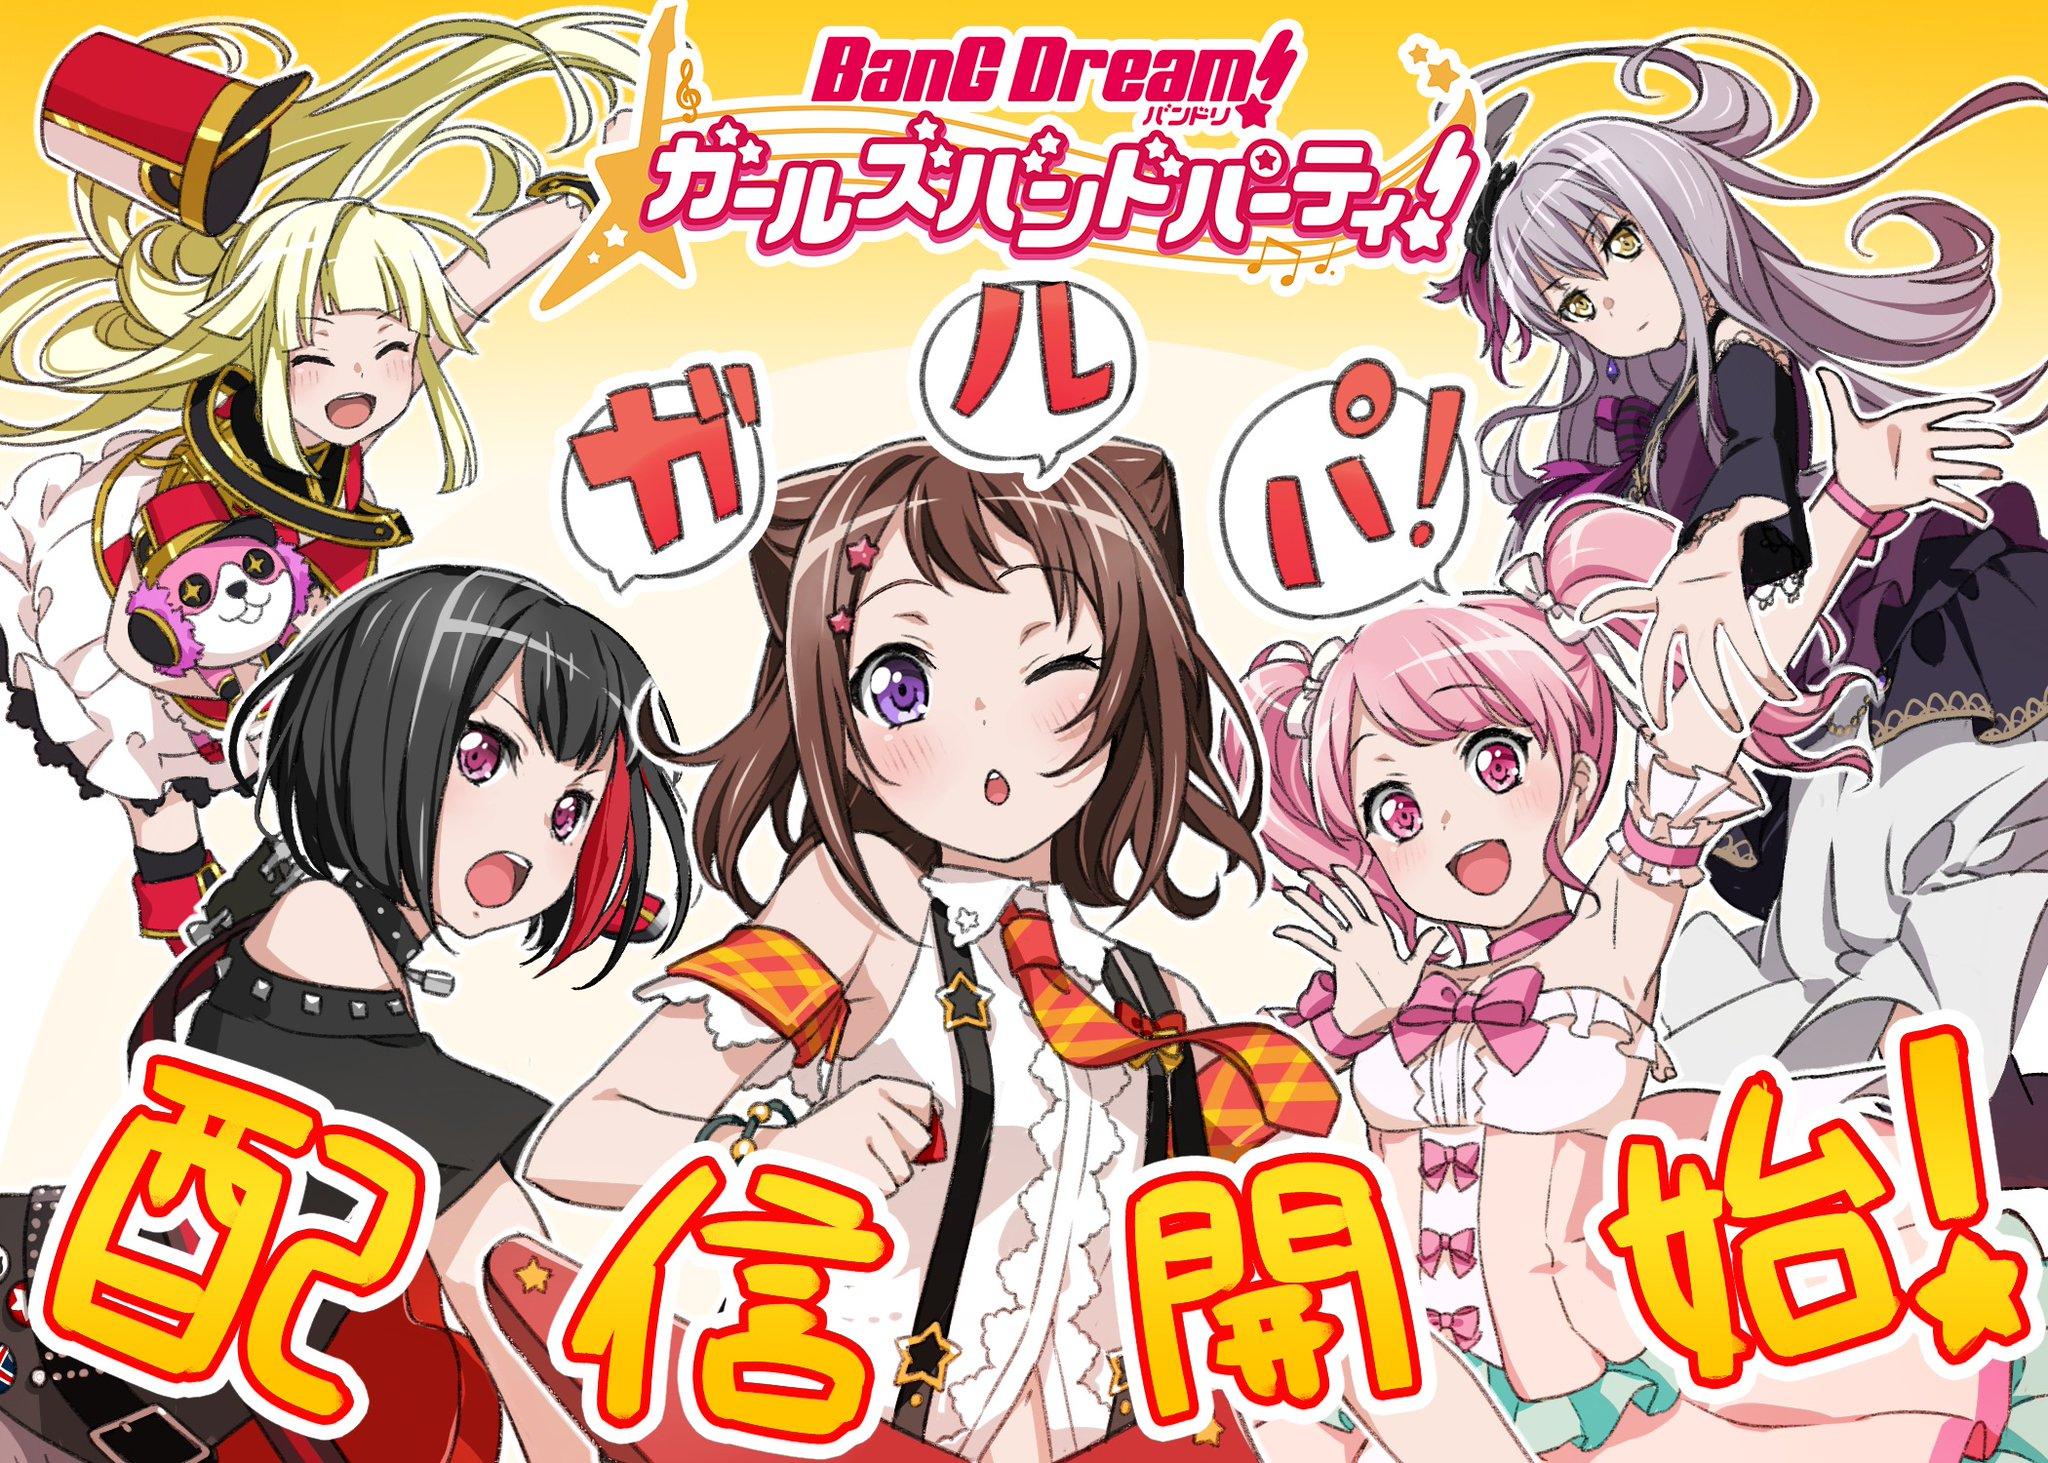 音乐手机游戏《BanG Dream!~Girls Band Party~》今日开始运营,将追加特别曲目!-ANICOGA